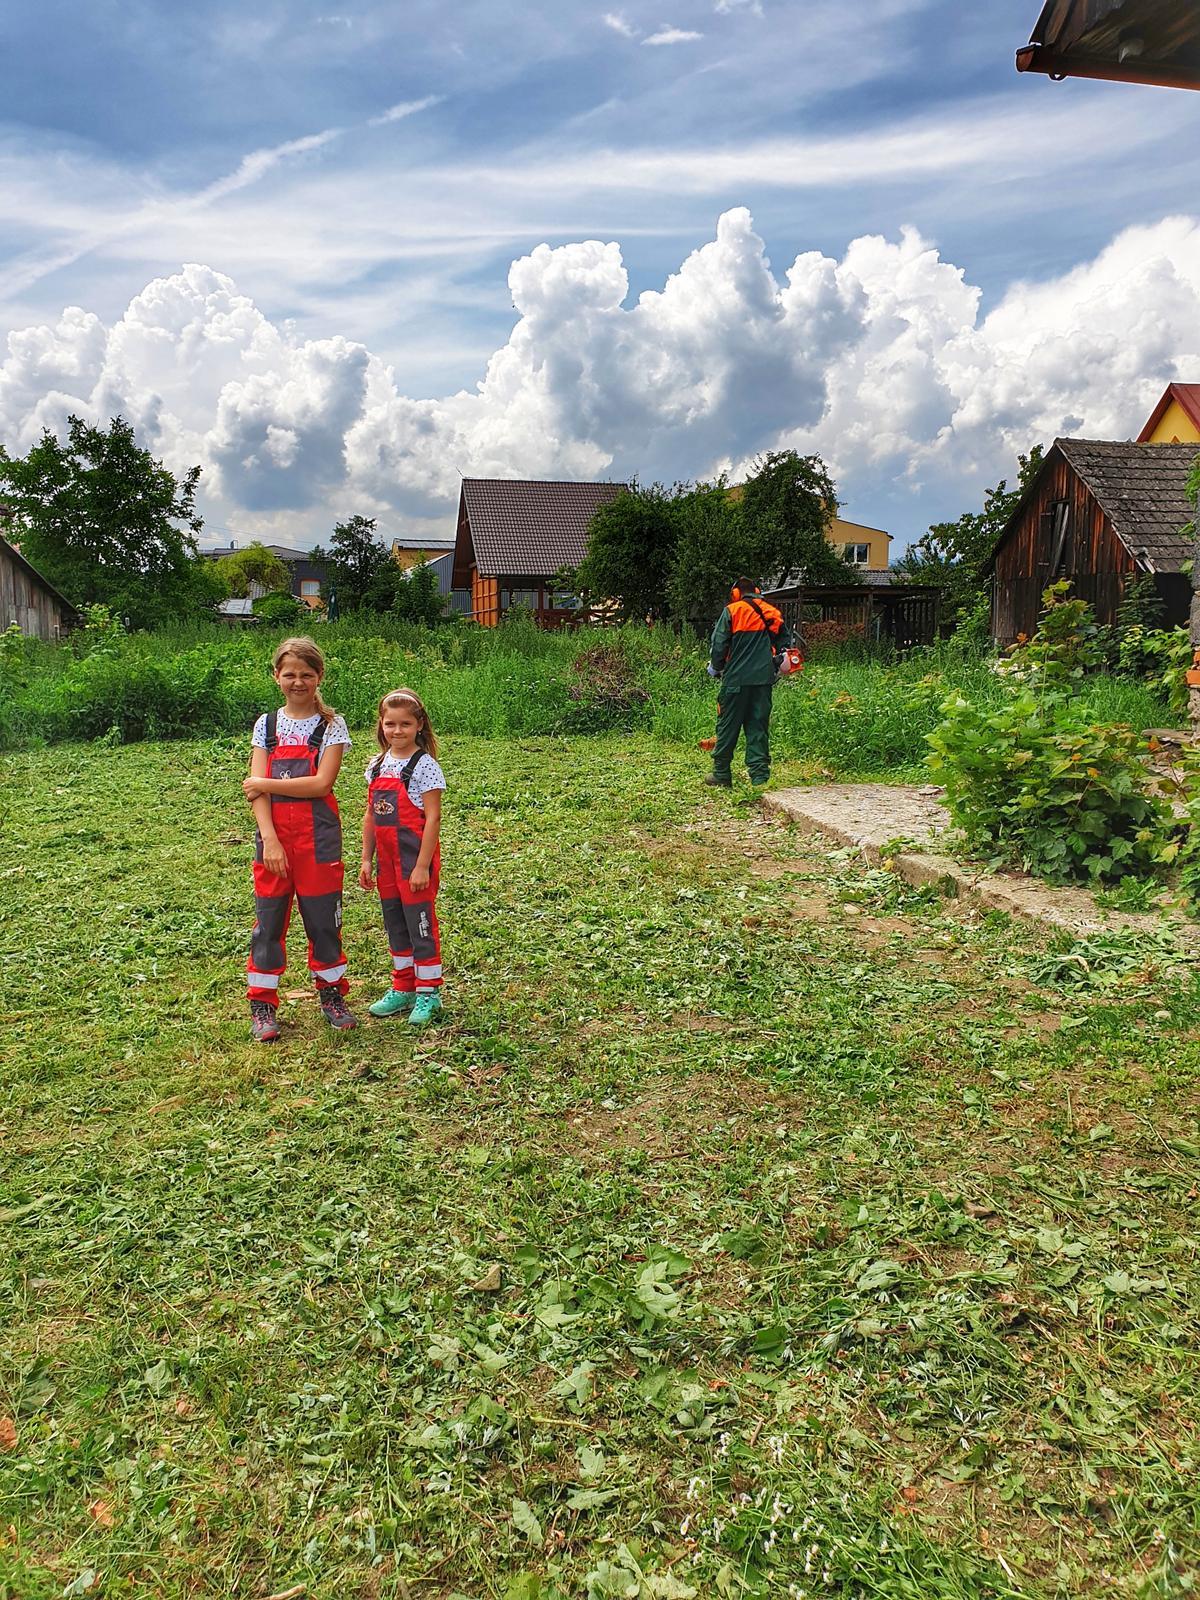 Rekonštrukcia domu-alebo chceme si splniť sen =》🏠🌻🌼🐶  mat domcek a vratit sa na Slovensko - Obrázok č. 97